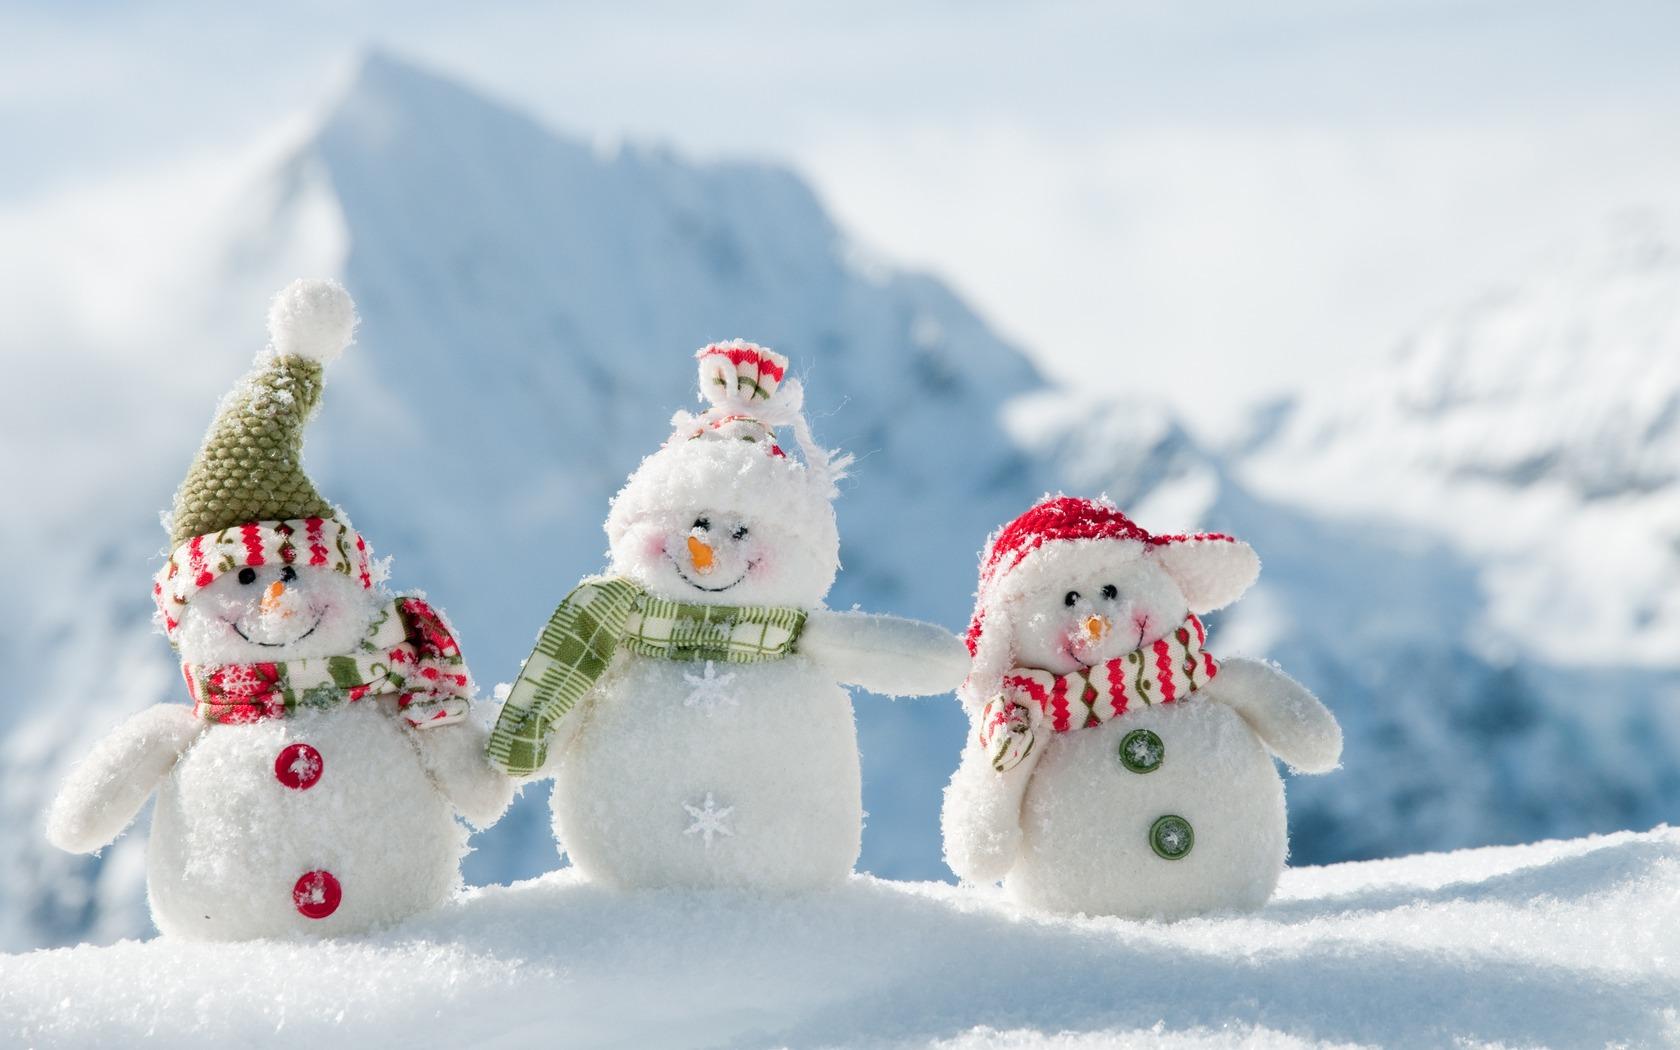 Снеговики, снег, обои, для рабочего стола